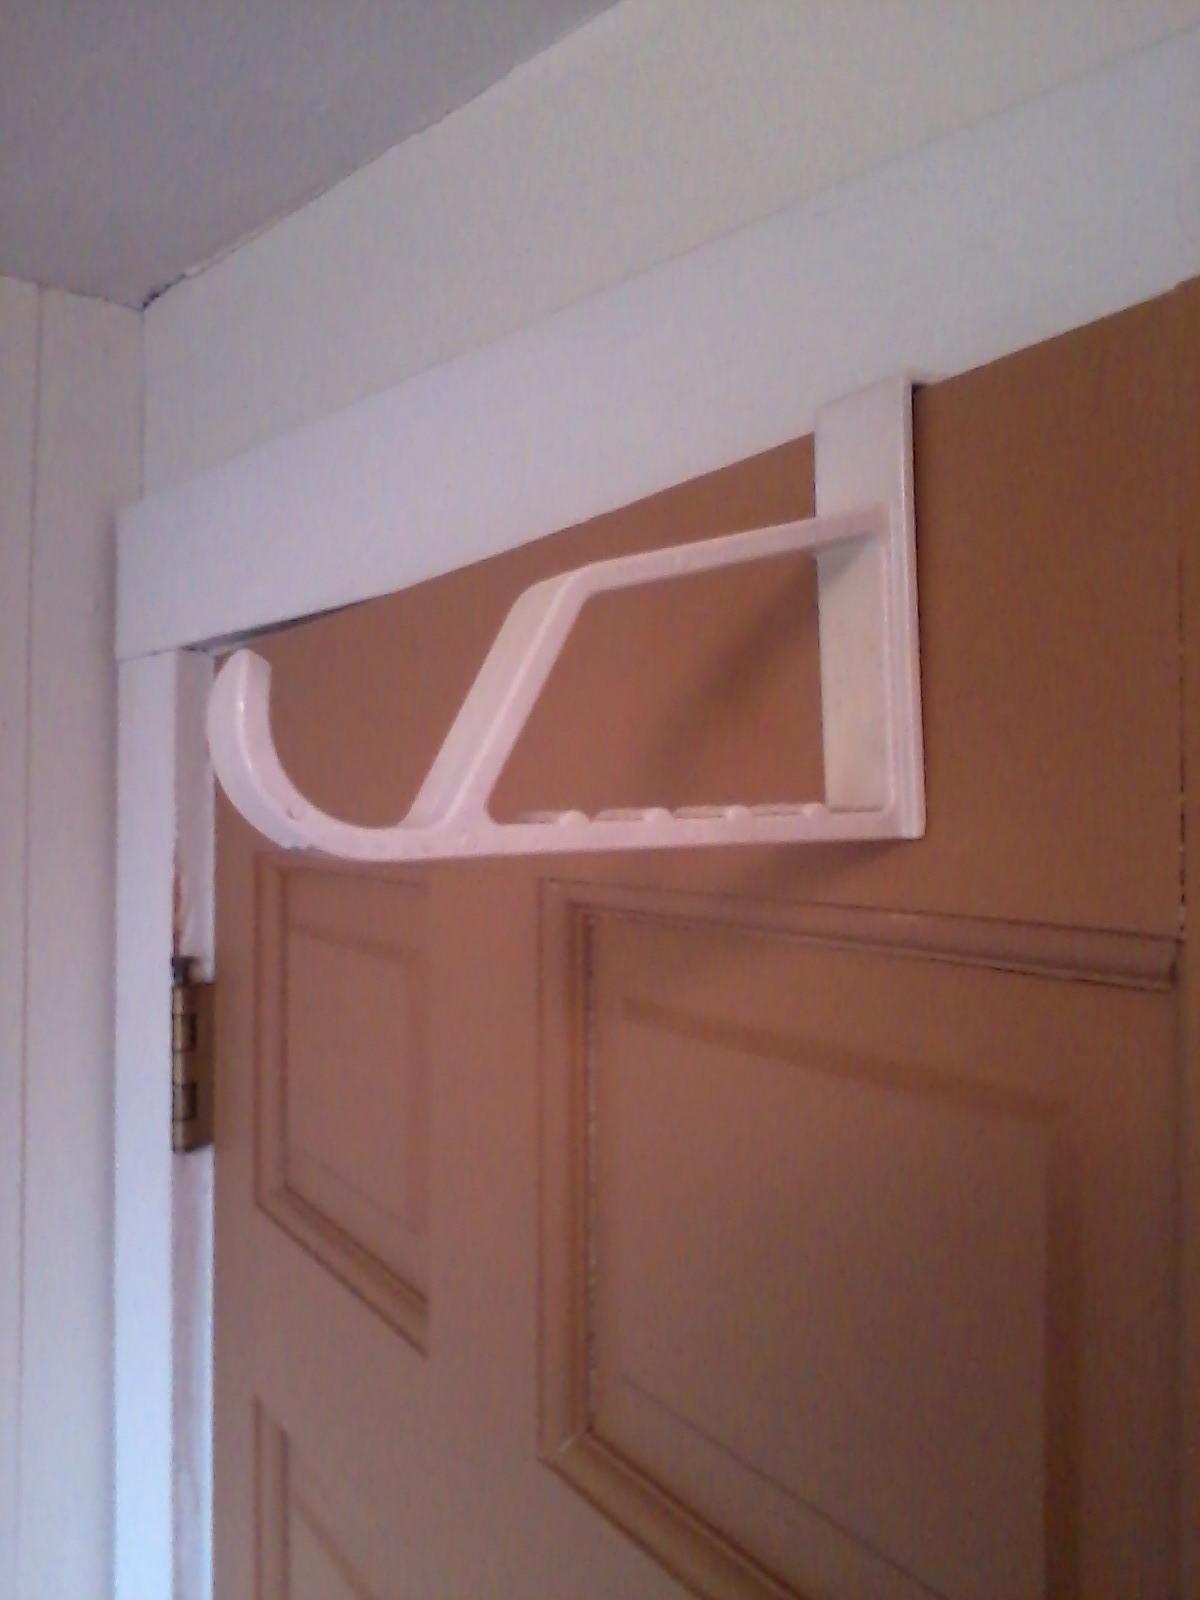 storage hook